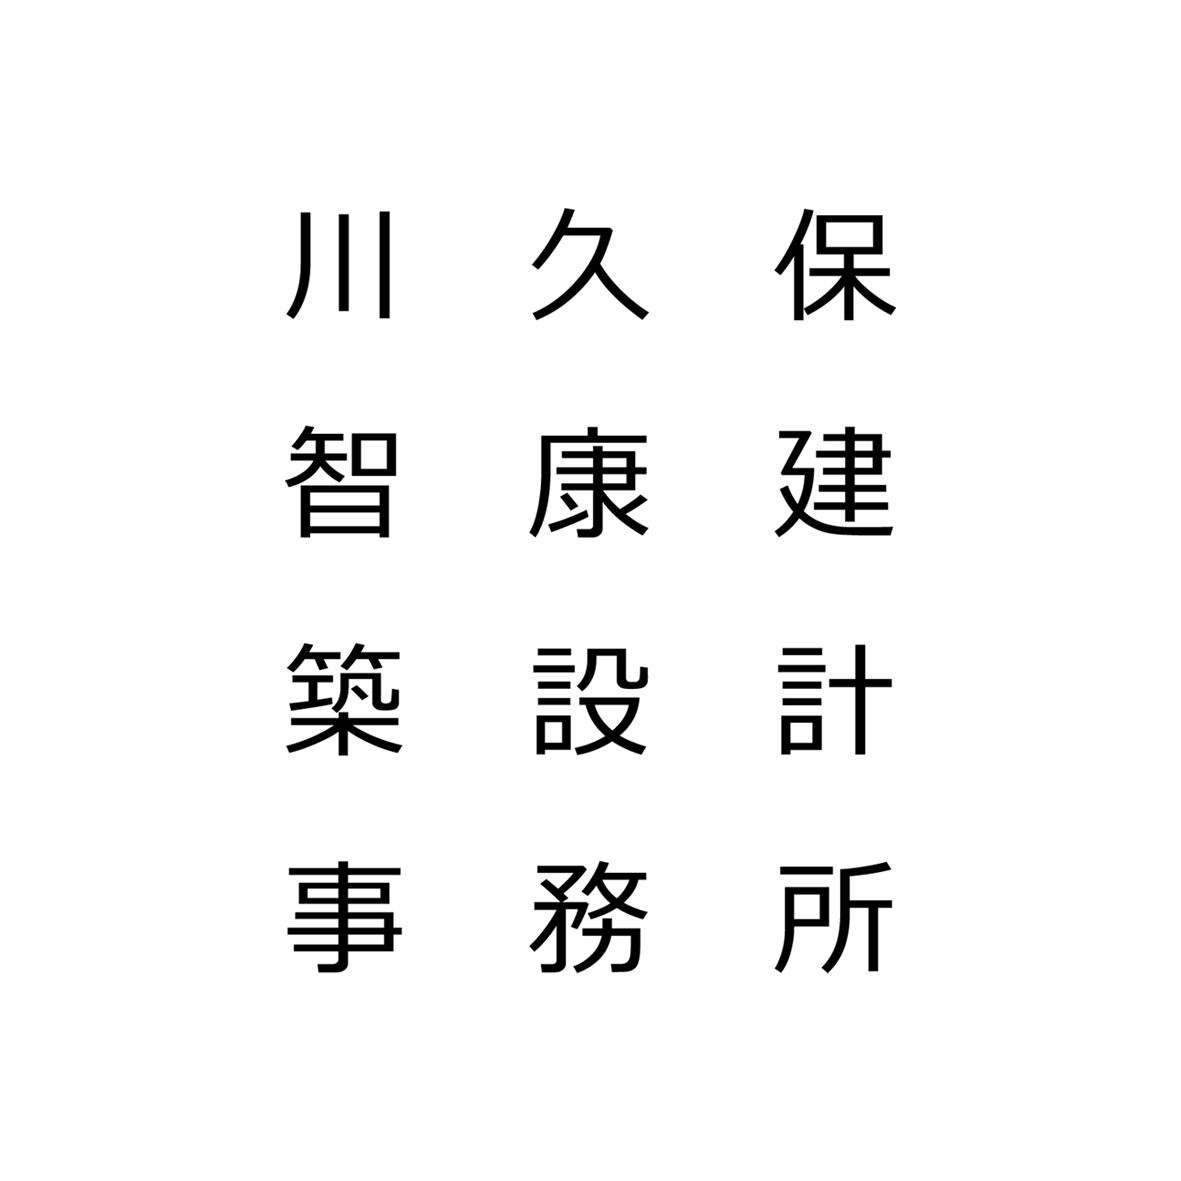 川久保智康建築設計事務所の画像